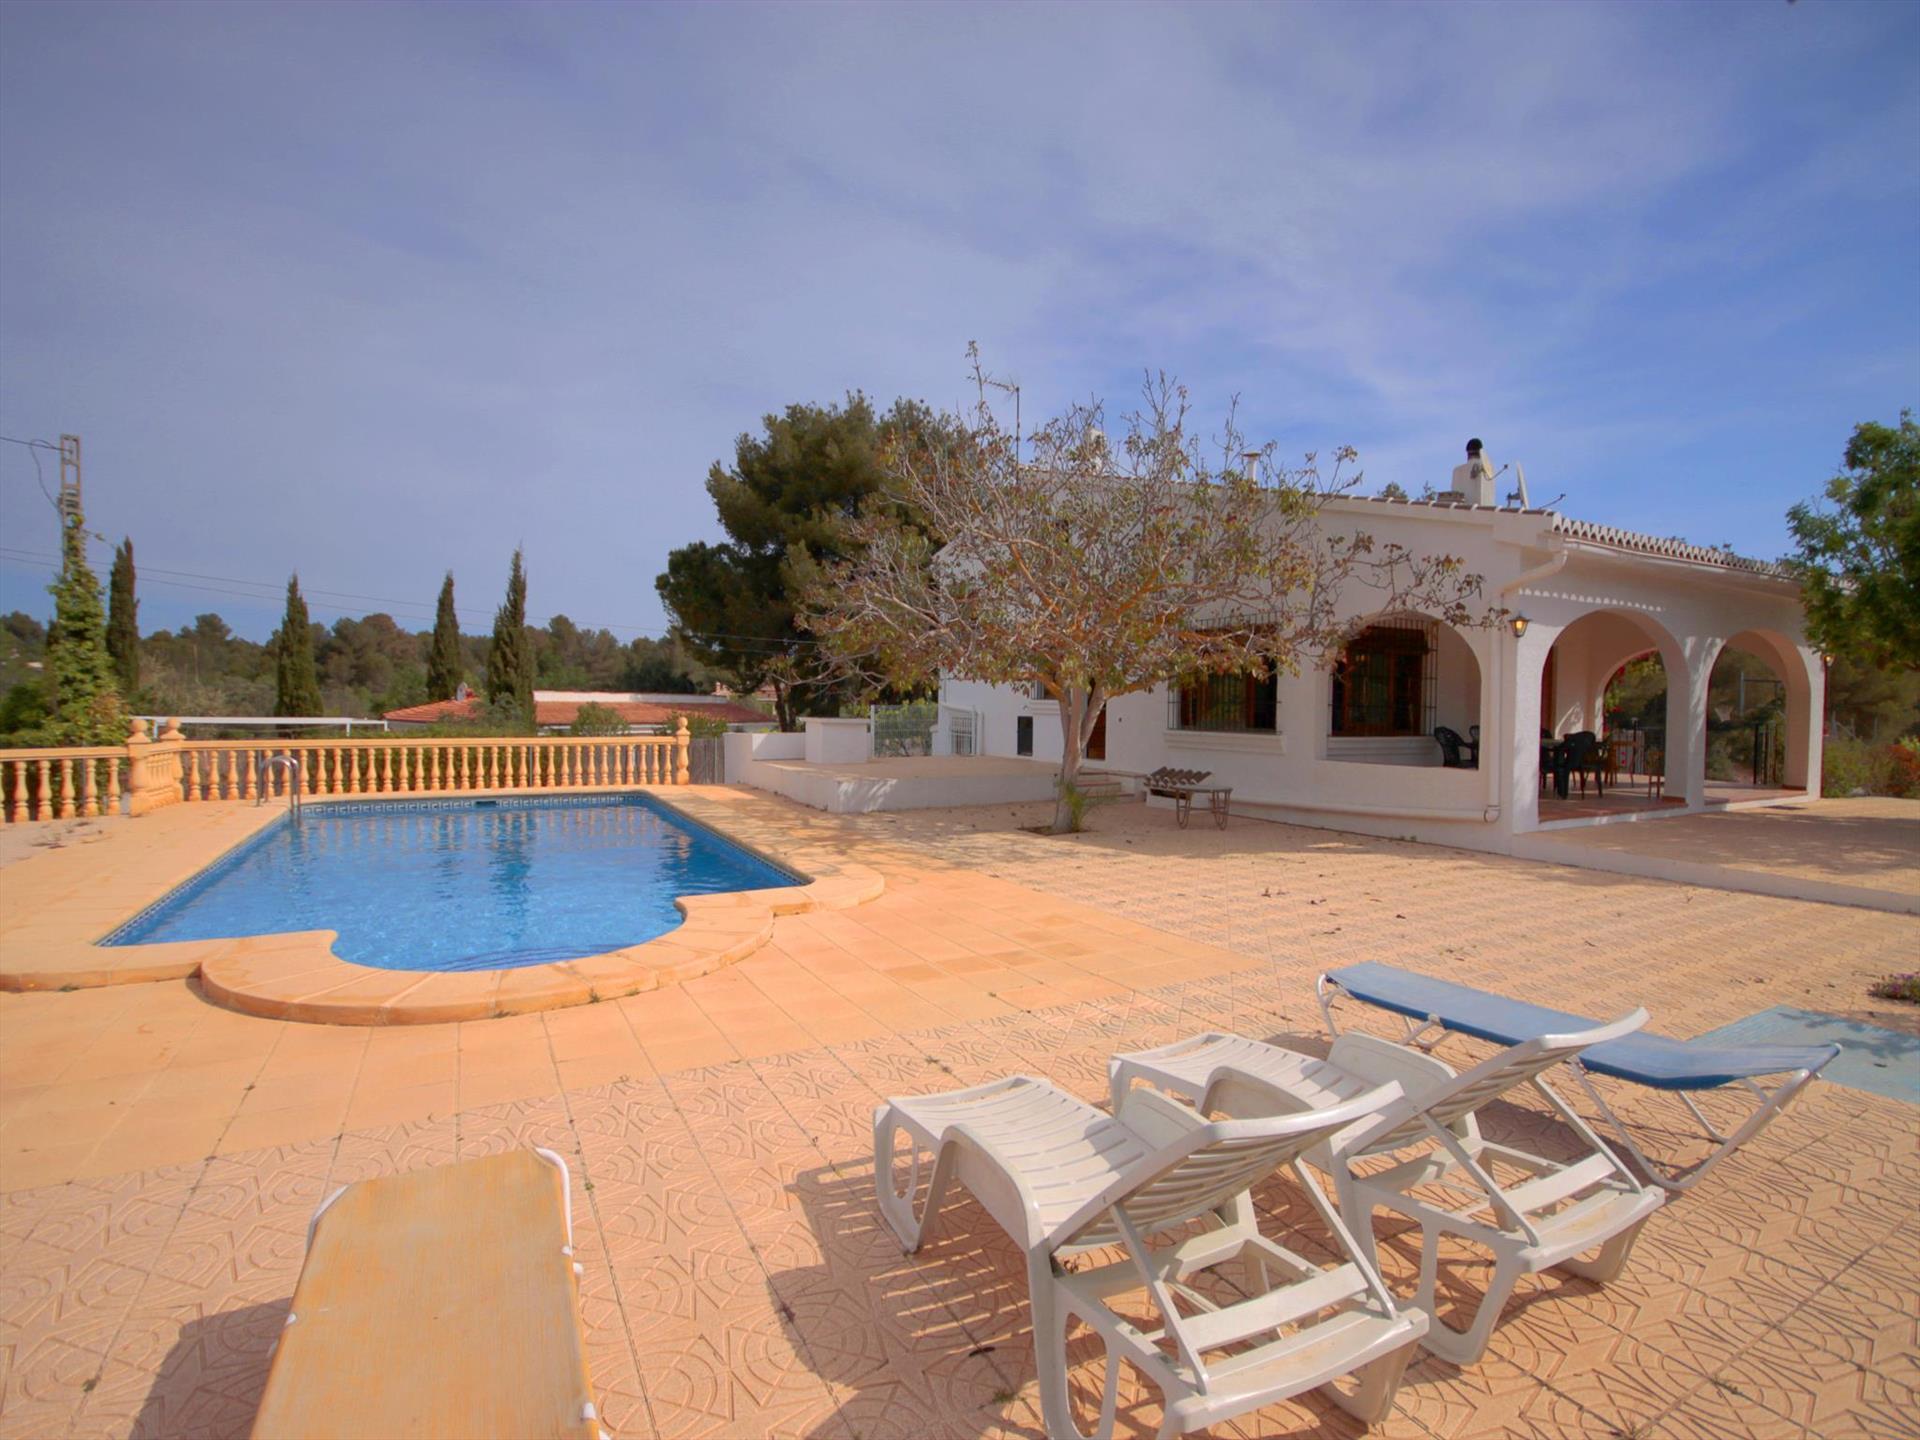 CERVERETA,Villa grande y confortable  con piscina privada en Javea, en la Costa Blanca, España para 8 personas.....